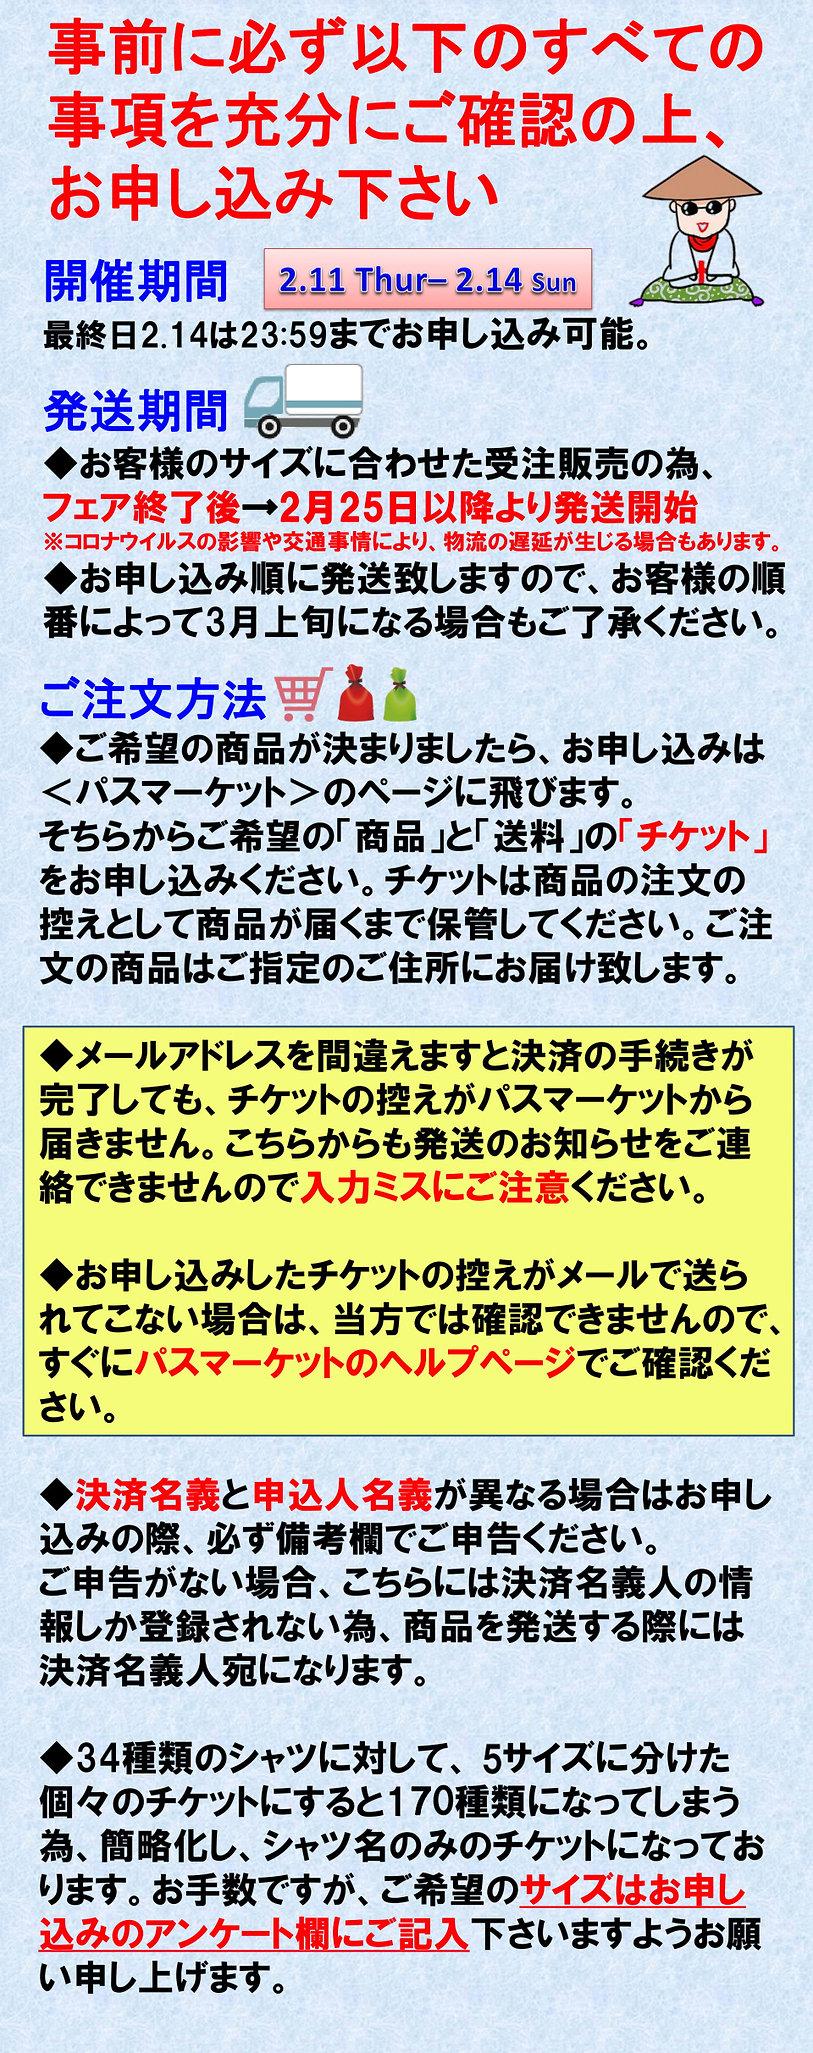 ロンTフェア20212月_案内-1.jpg